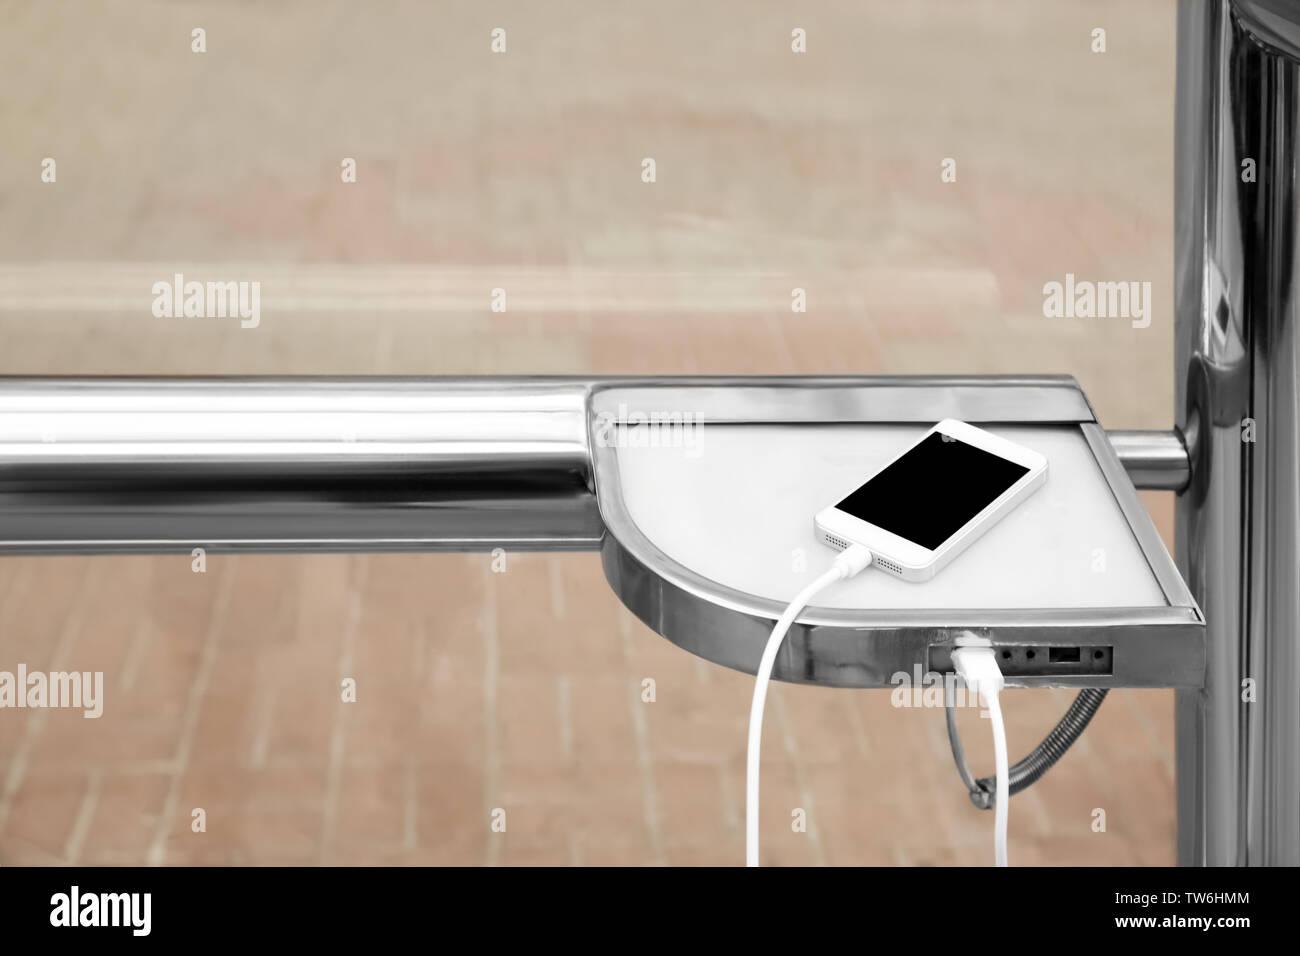 Teléfono móvil de carga, exteriores Imagen De Stock